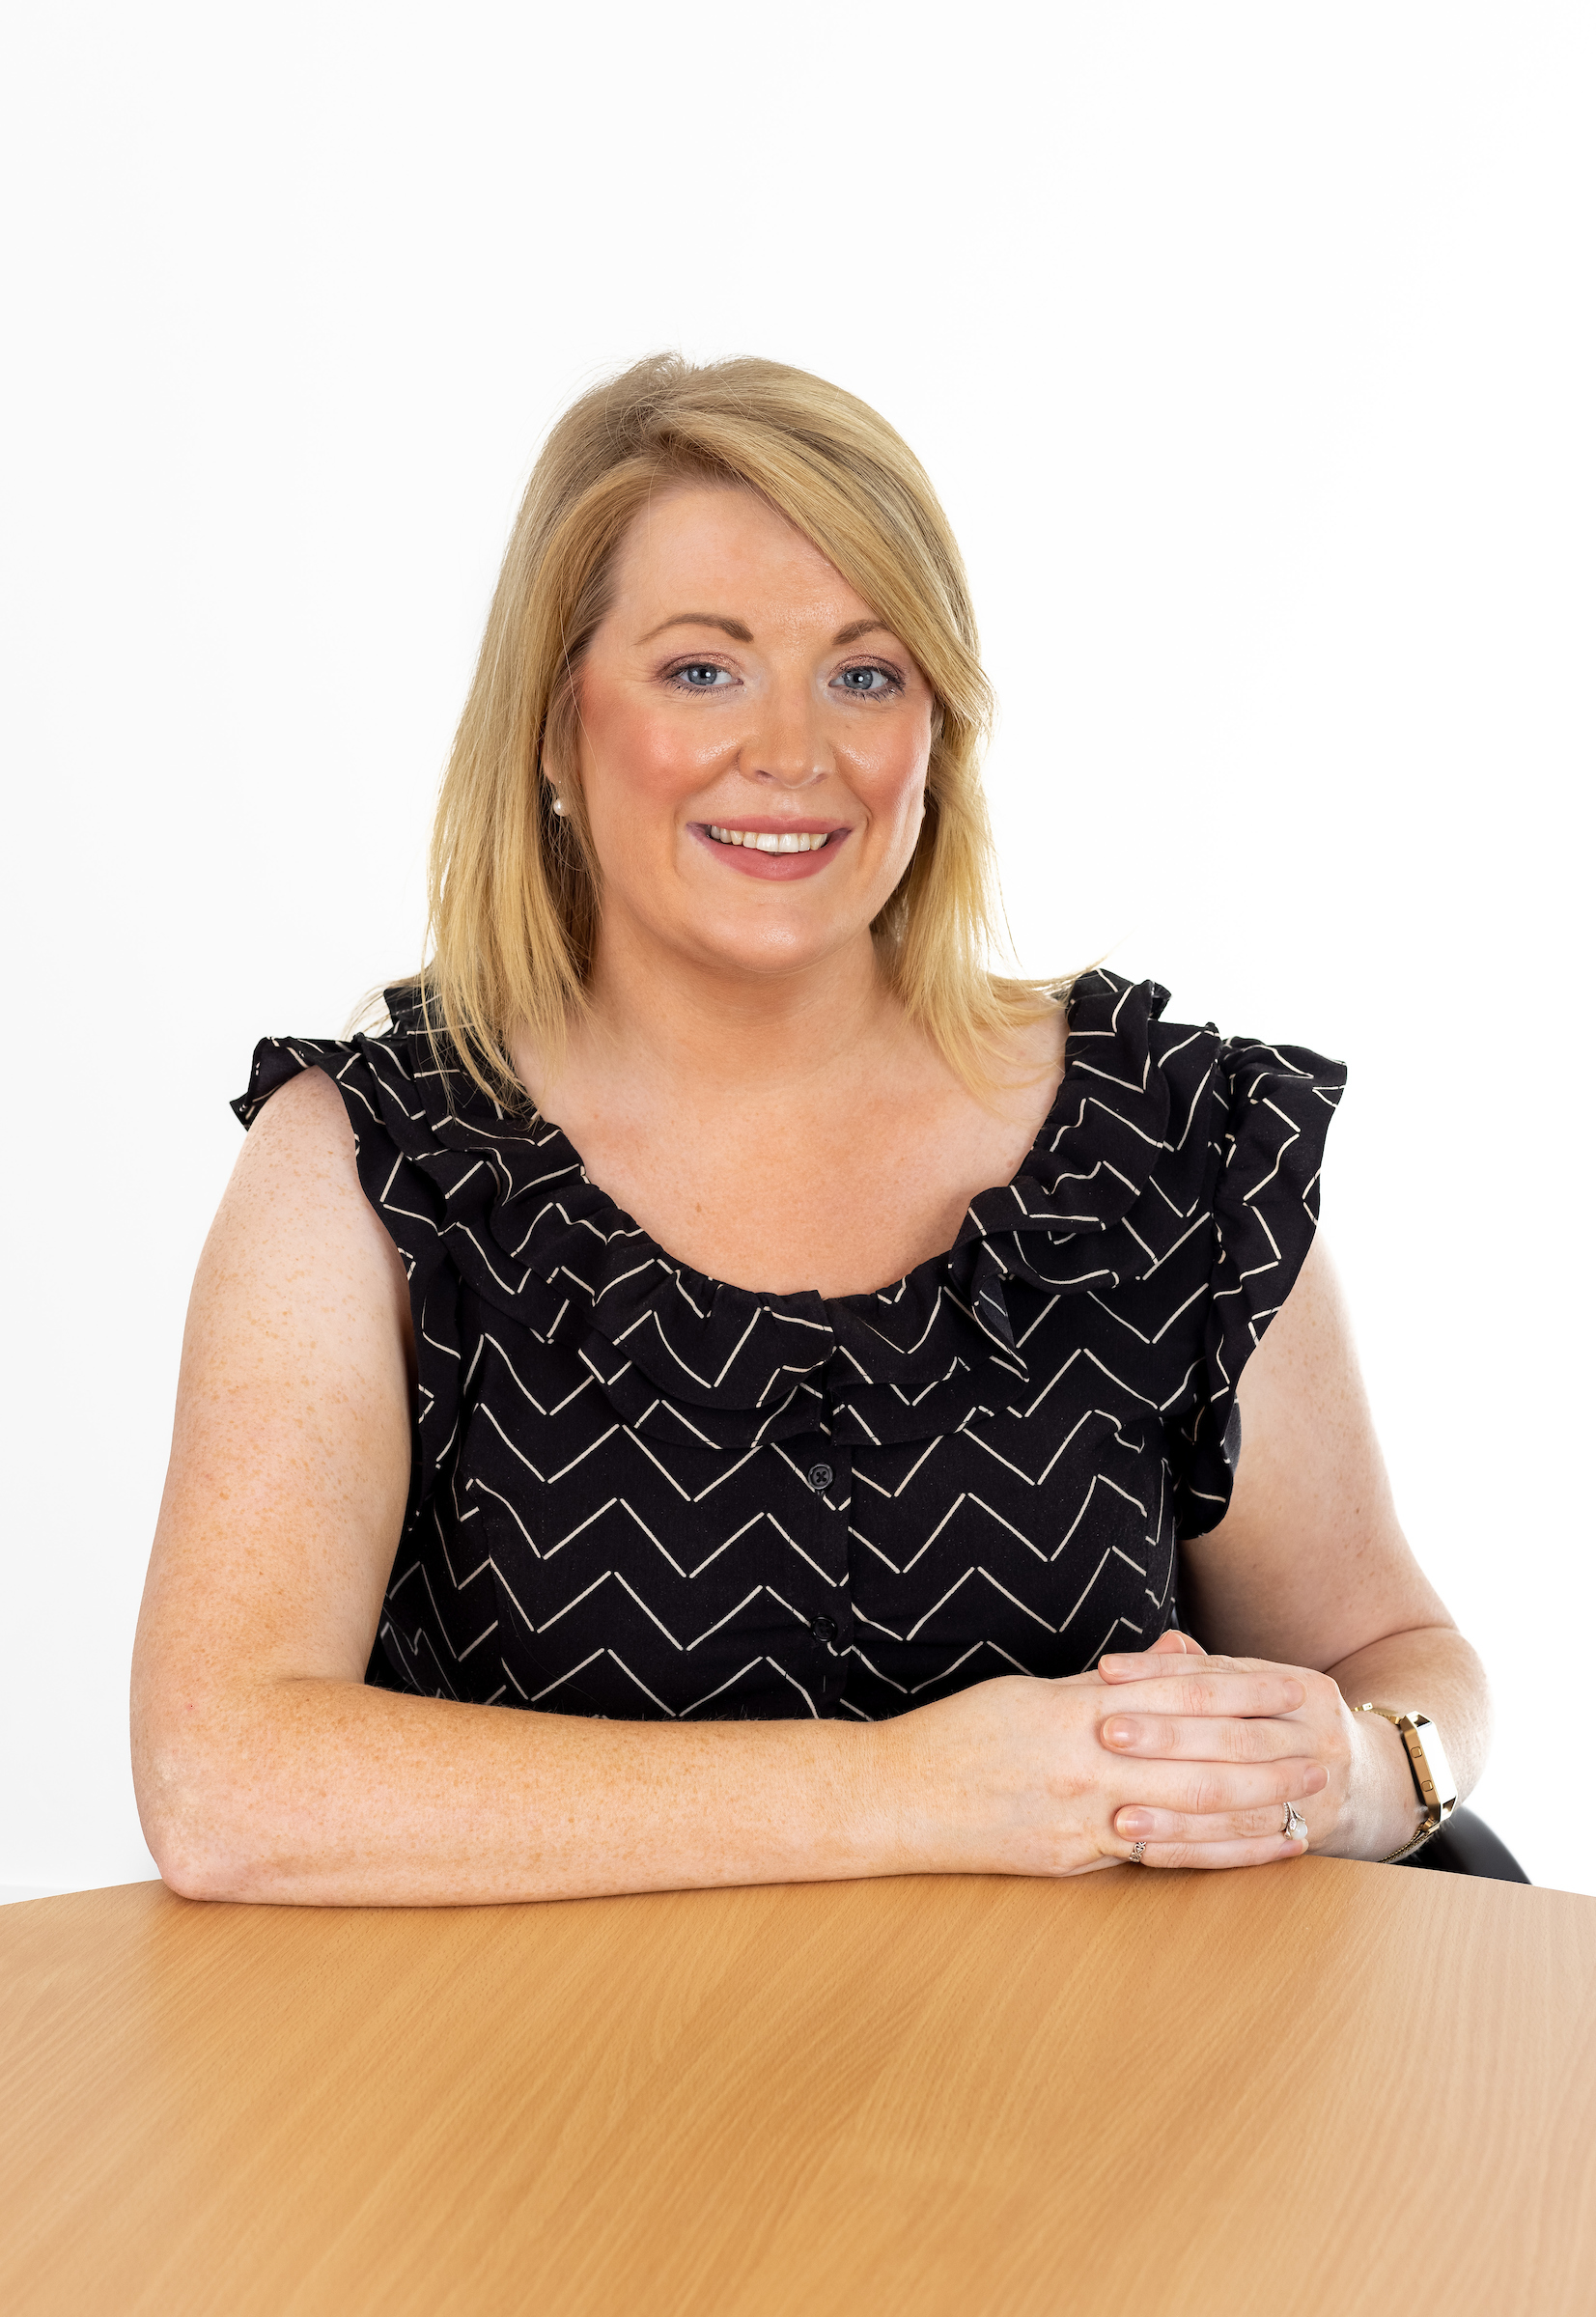 Caitriona O'Mahoney